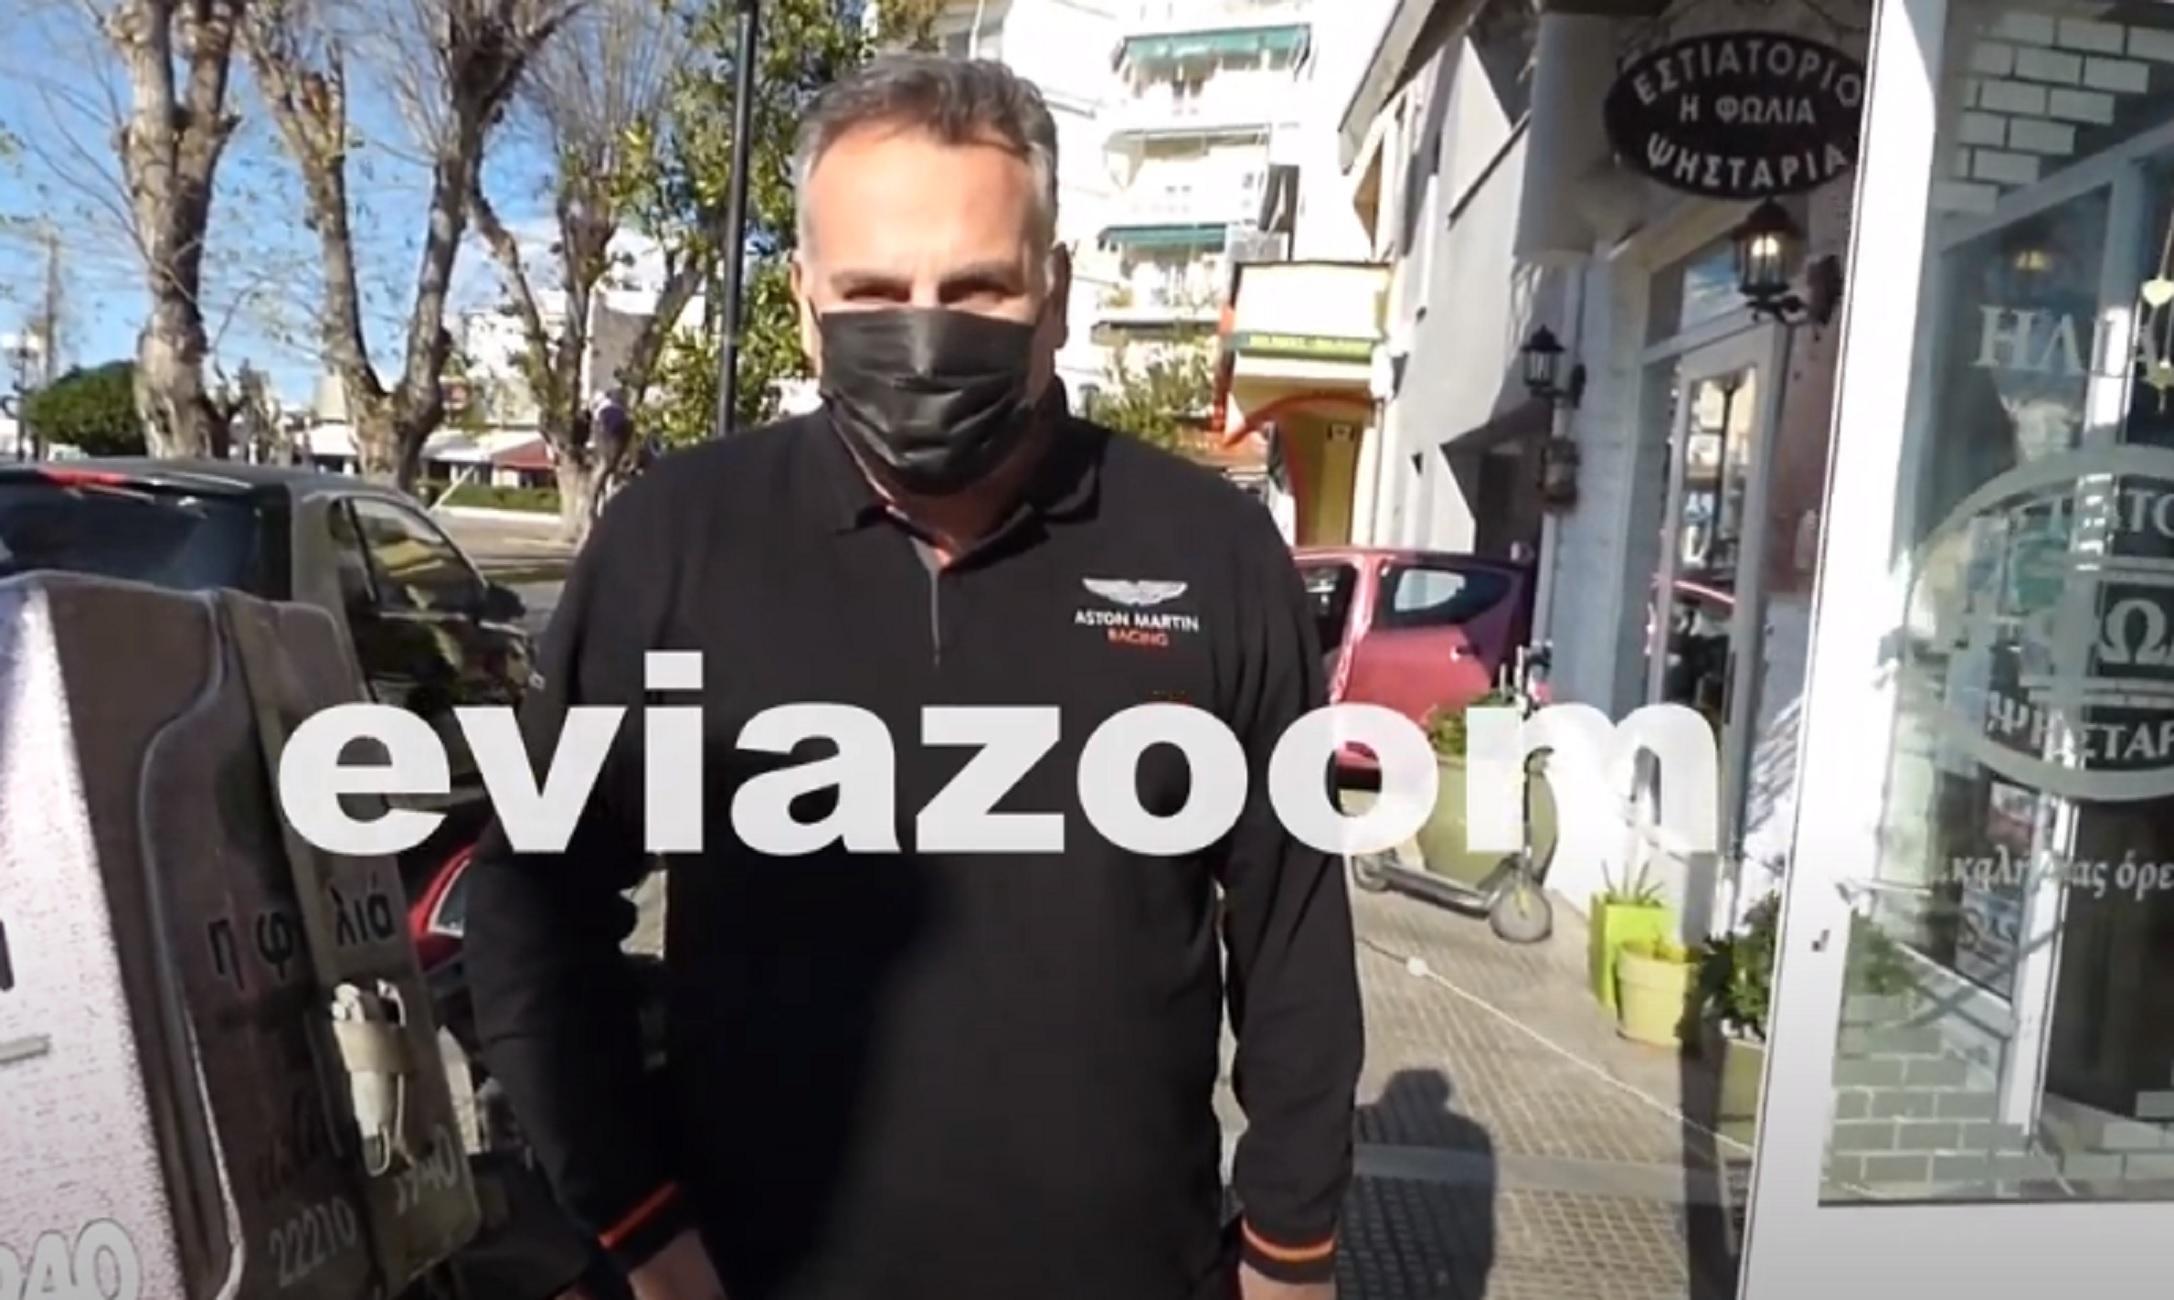 Εύβοια – Κορονοϊός: «Κόλλησα στην ουρά έξω από τράπεζα» – Η εξομολόγηση του δικηγόρου στην κάμερα (video)